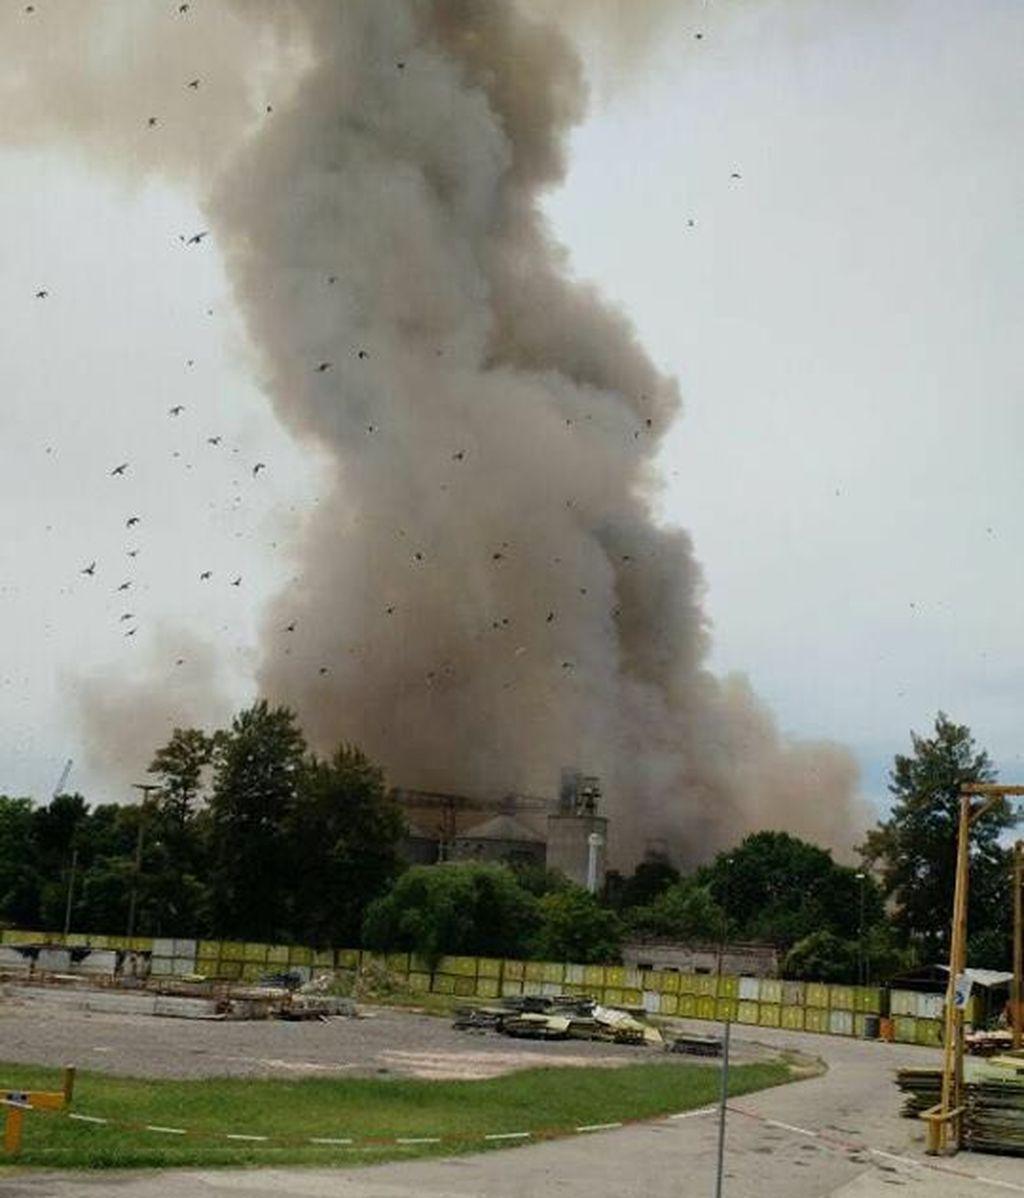 Un muerto y 17 heridos tras una explosión en una planta de cereales en Argentina